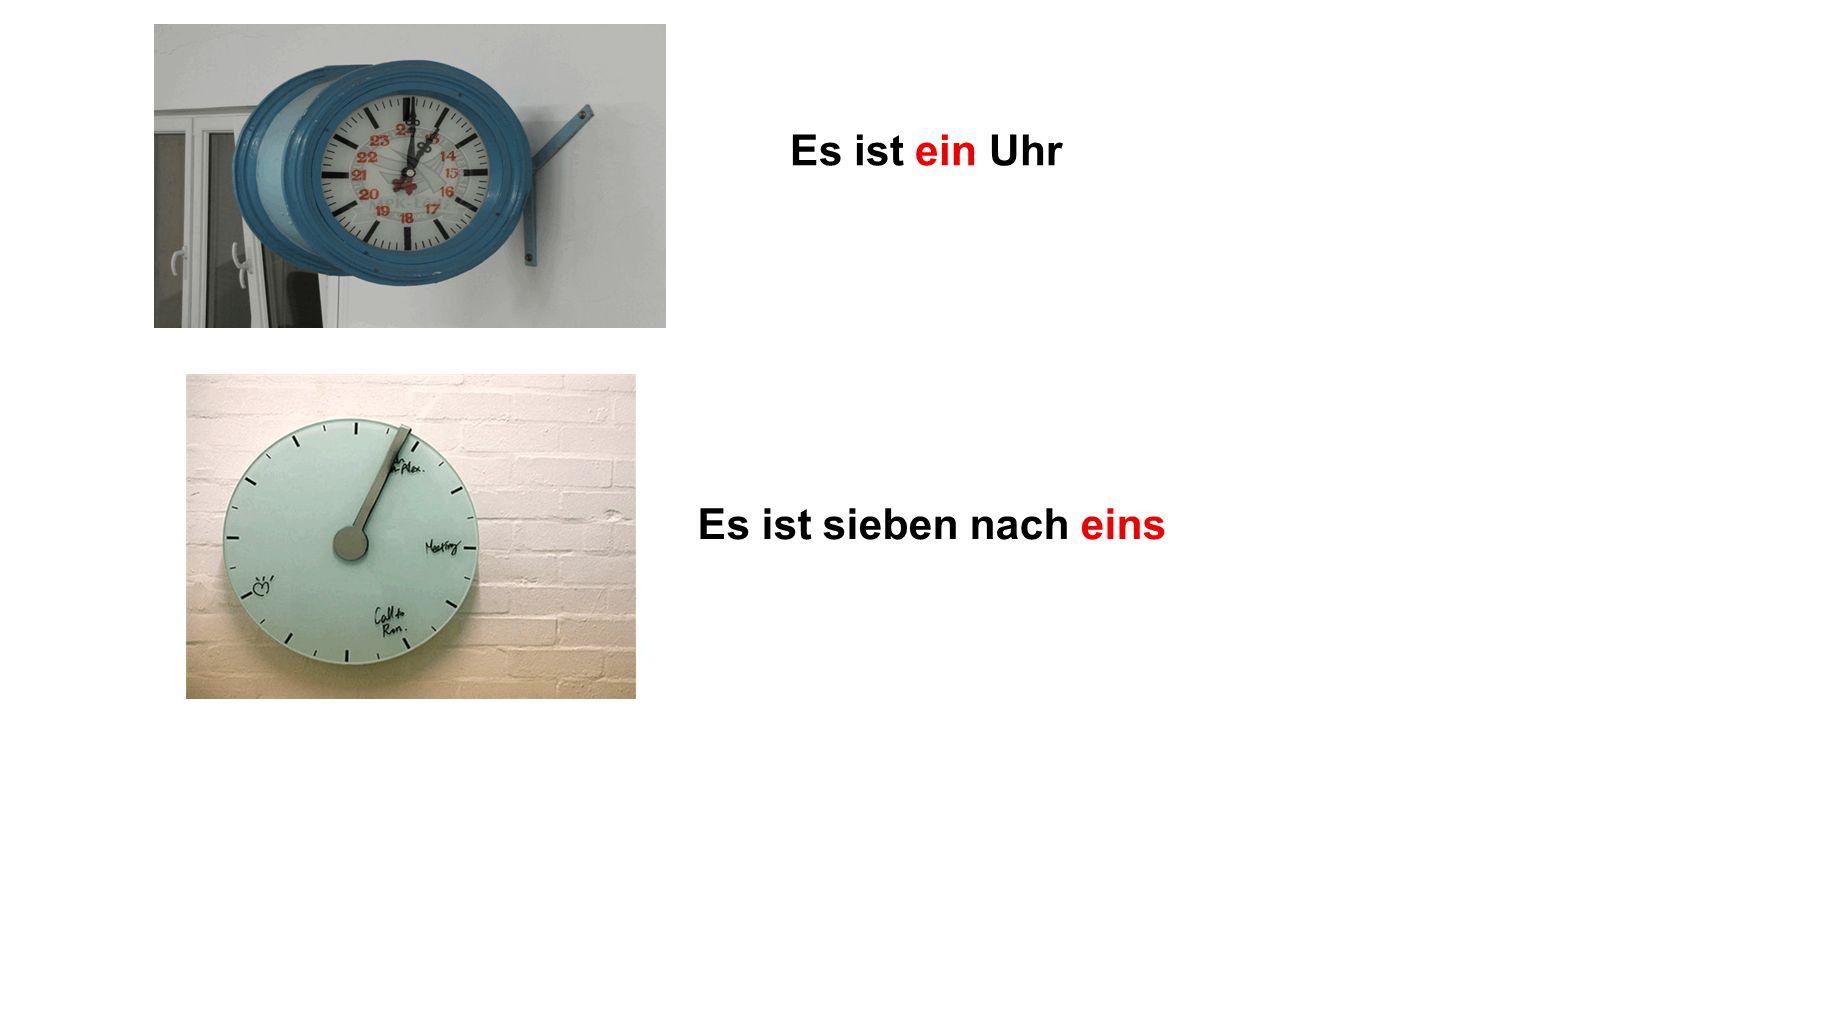 halb acht Wie spät ist es?